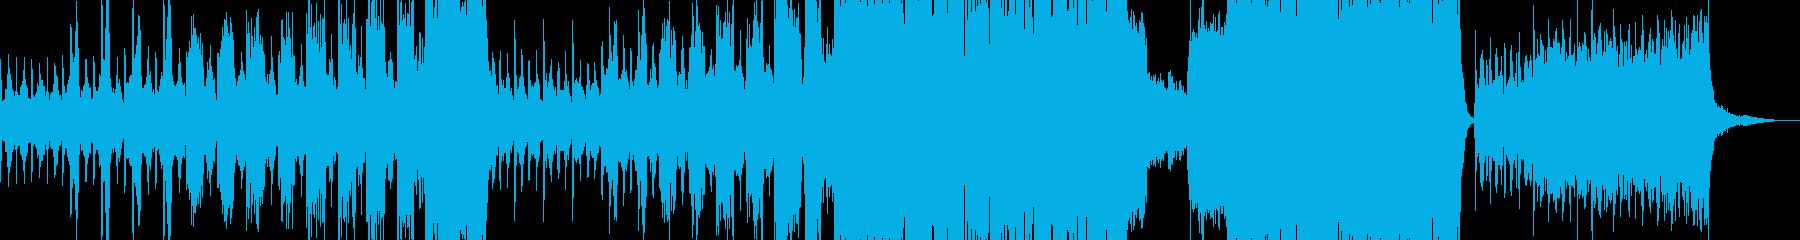 暗闇ダンジョン・緊張感漂うBGMの再生済みの波形